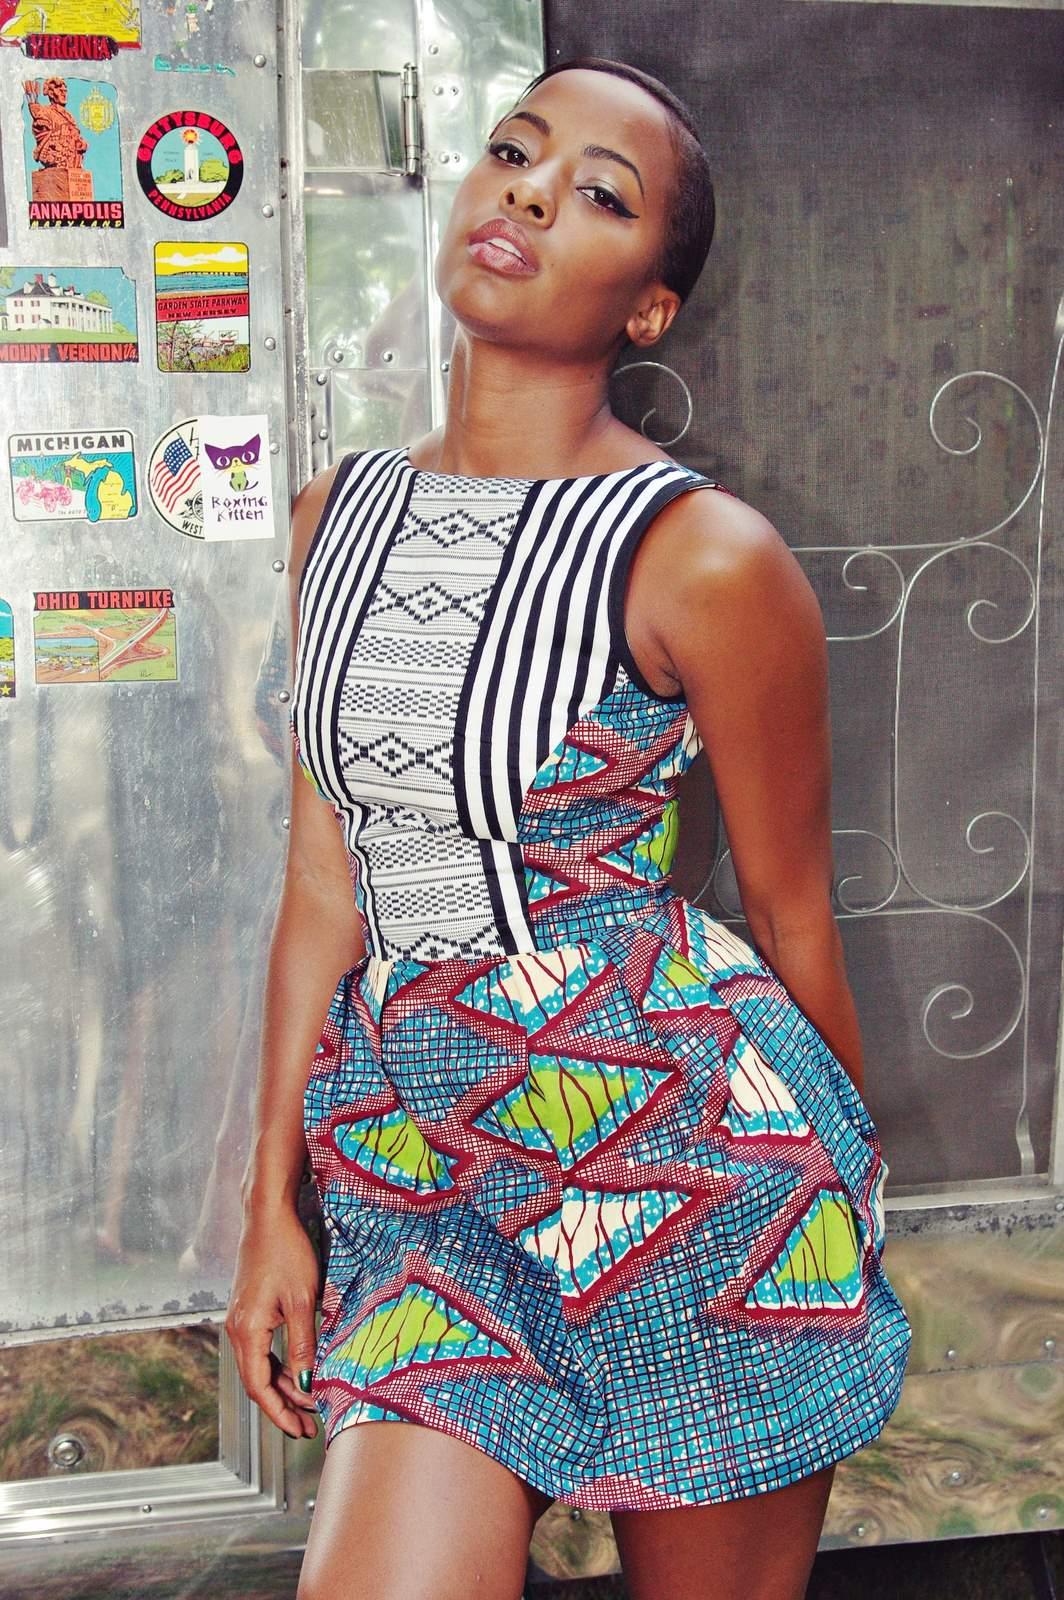 http://1.bp.blogspot.com/-eqrnzv0tdZw/UJb0VgpPBjI/AAAAAAAAAuw/a085G14QNWg/s1600/gorgeous+ankara+styles.jpg